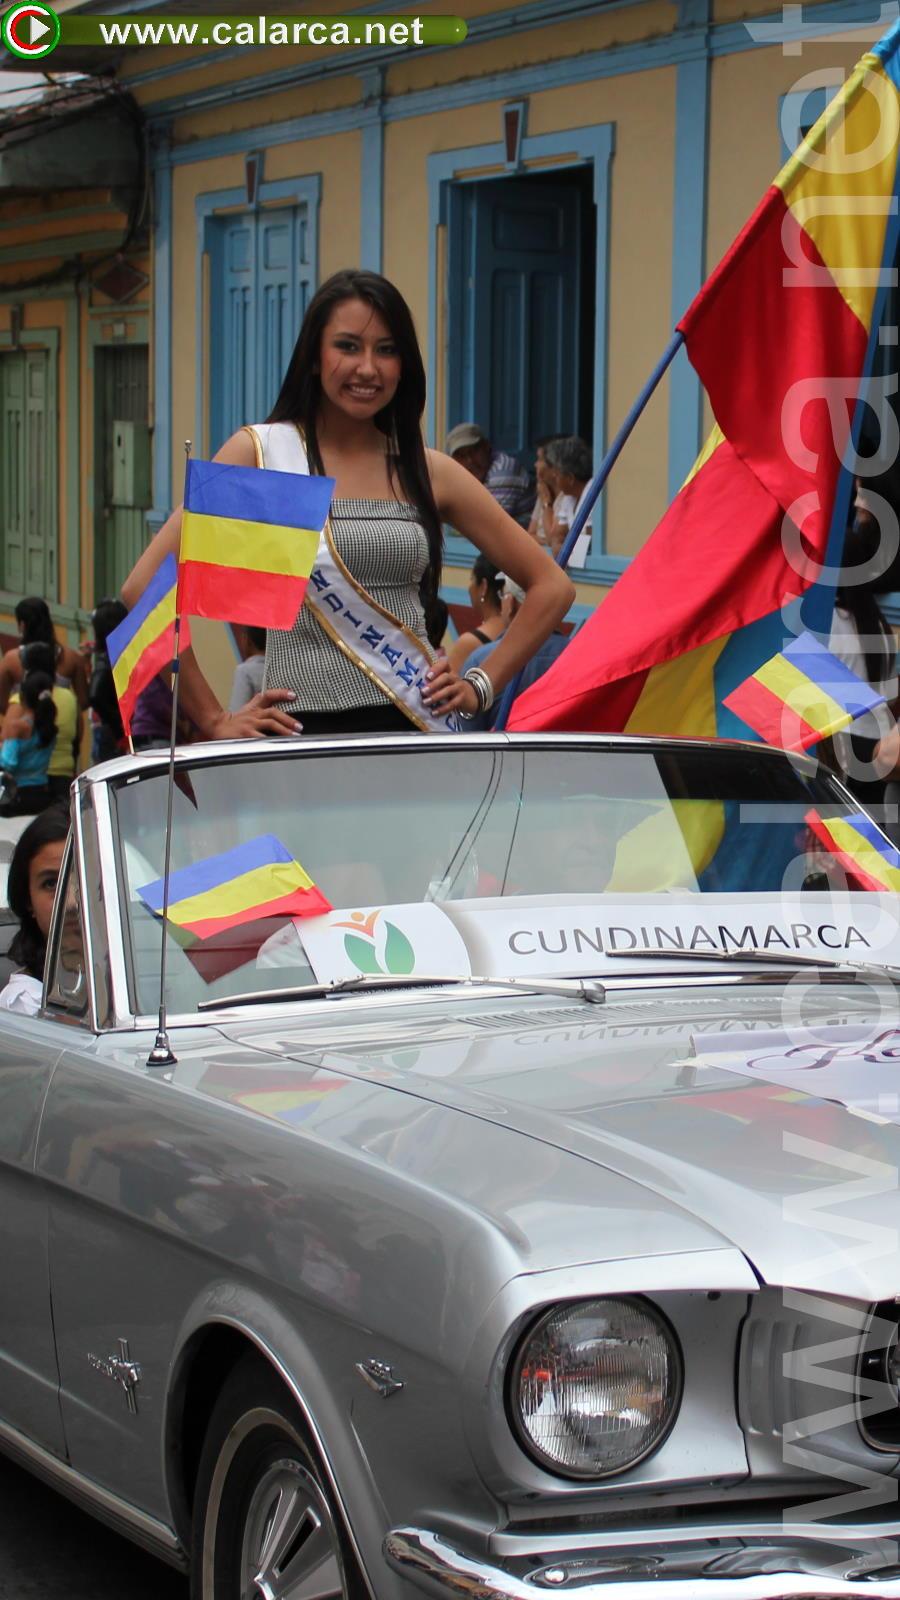 Cundinamarca - Karen Sofía Acosta Bernal